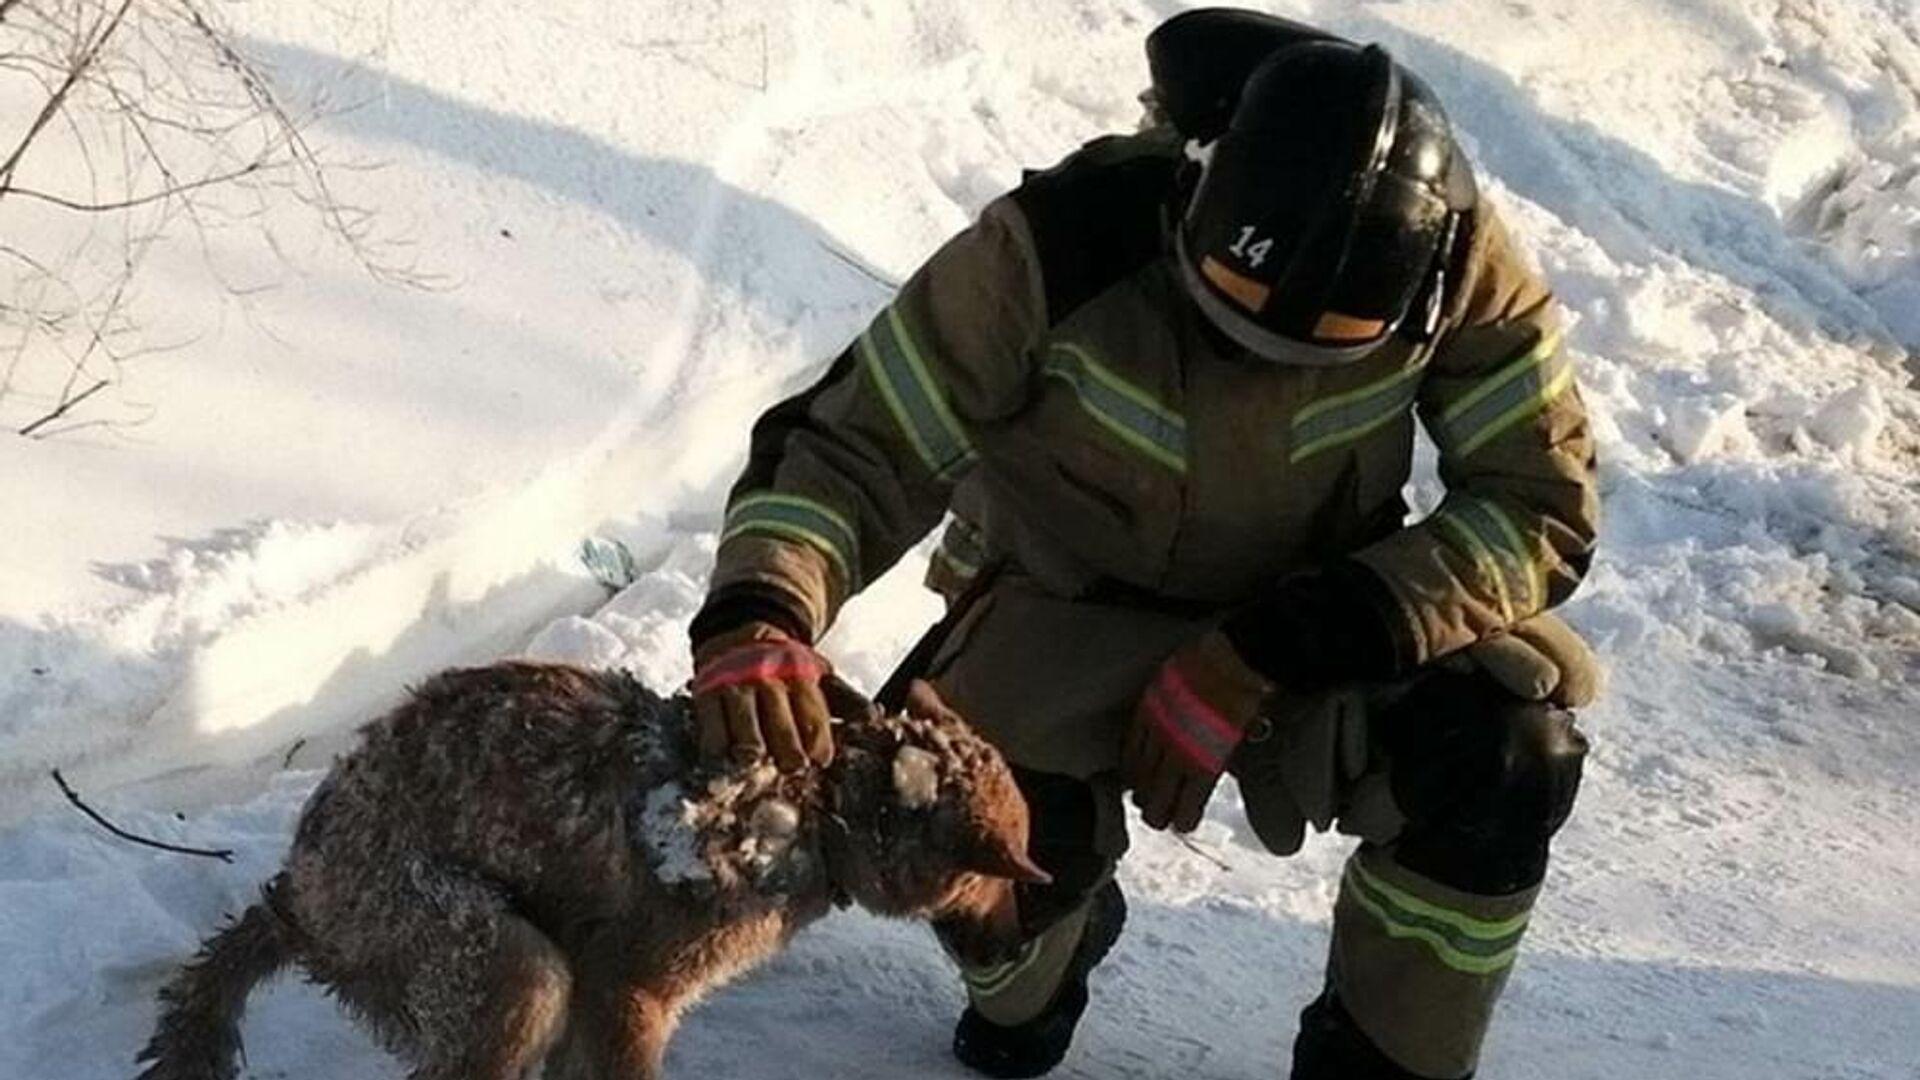 Спасатели в Лабытнанги (ЯНАО) спустя два дня после пожара в жилом доме нашли собаку под завалам - РИА Новости, 1920, 24.02.2021